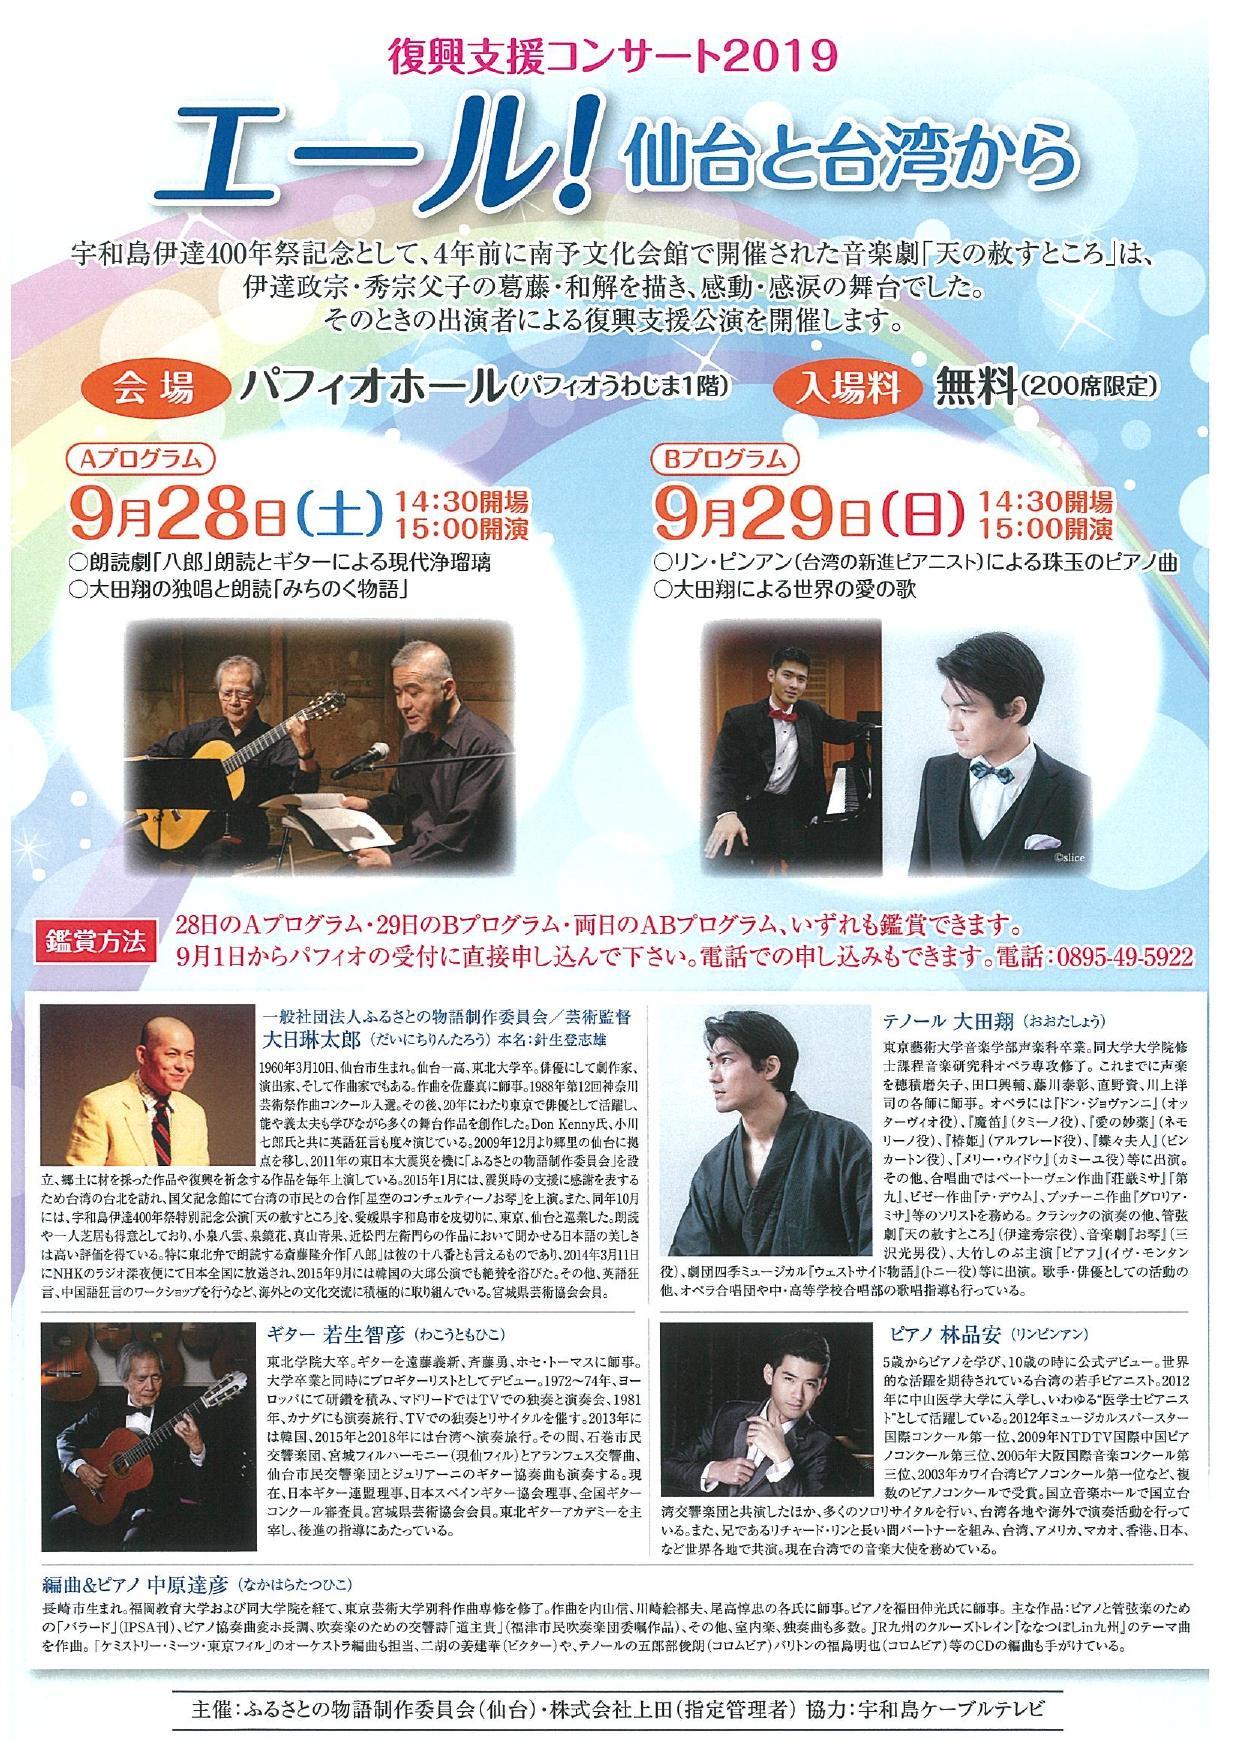 復興支援コンサート エール!仙台と台湾からの写真